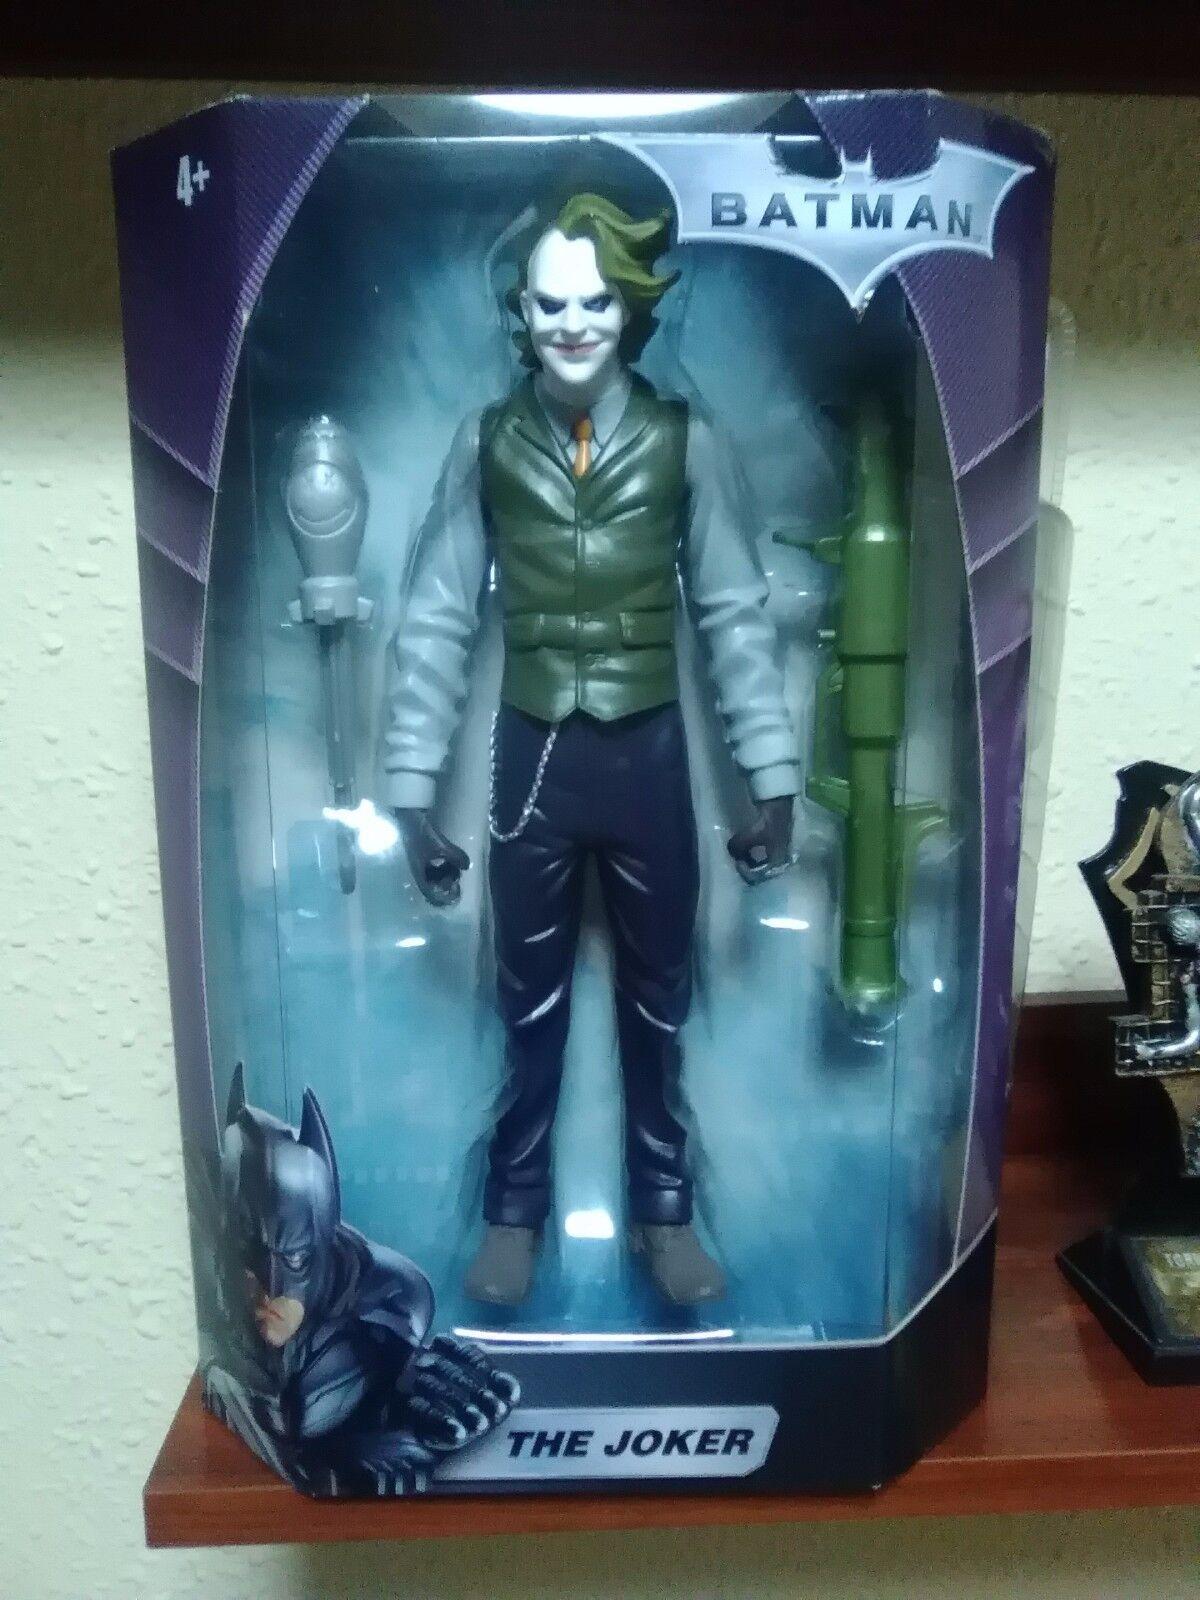 THE JOKER - BATMAN THE DARK KNIGHT - MATTEL - DC COMICS - NUEVA A ESTRENAR - NEW